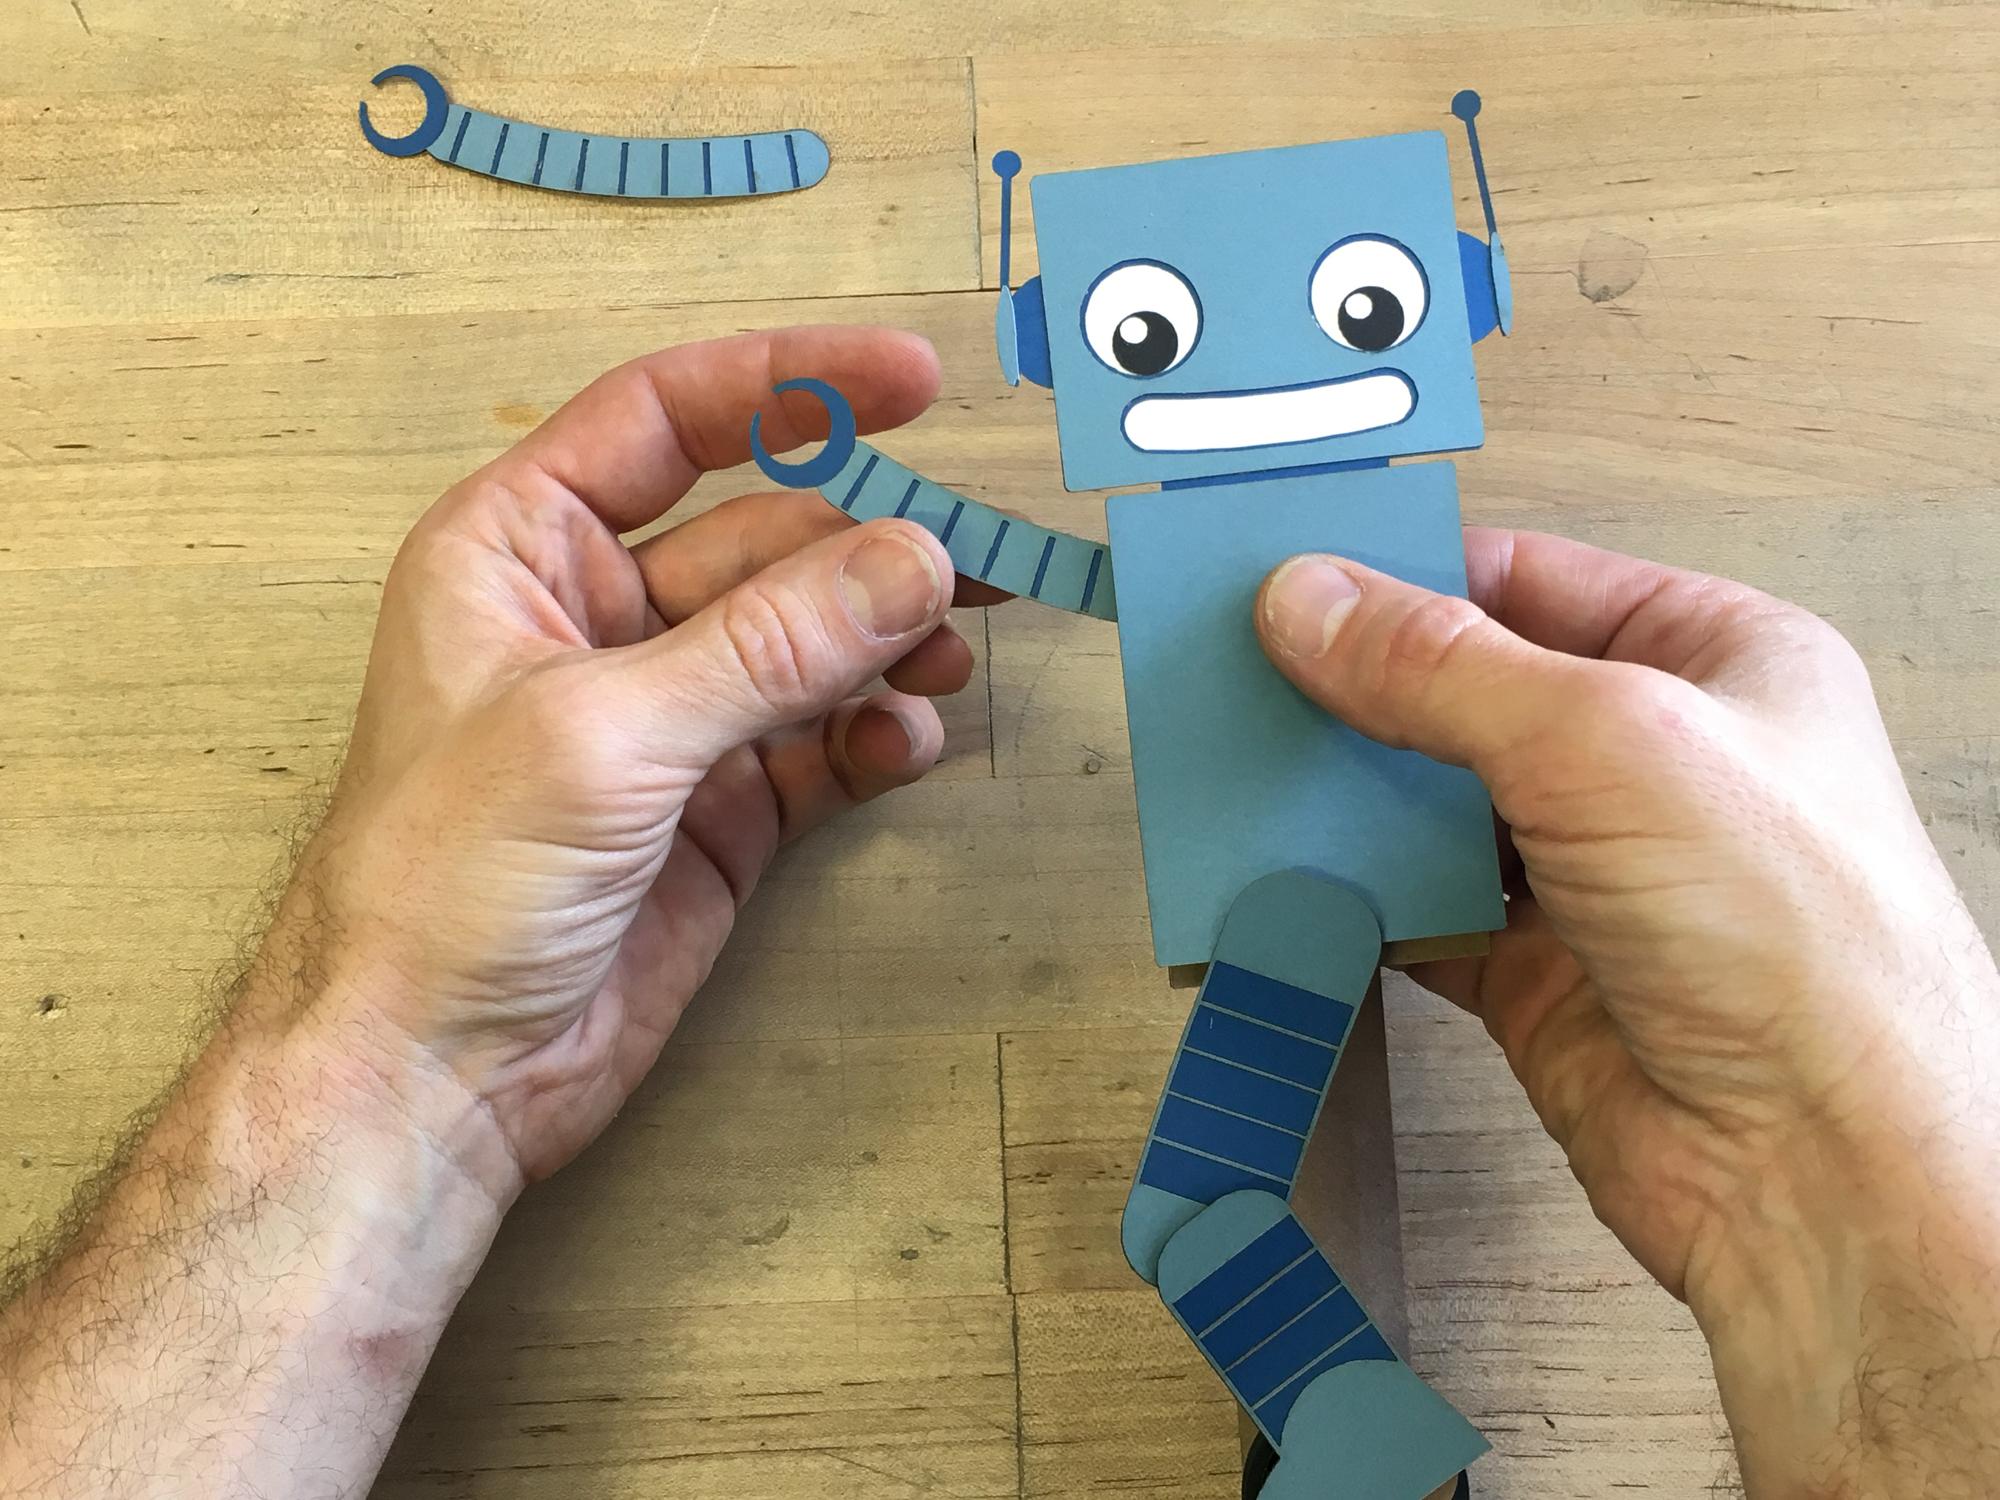 robotics___cnc_uni_bot_0099_2k.jpg